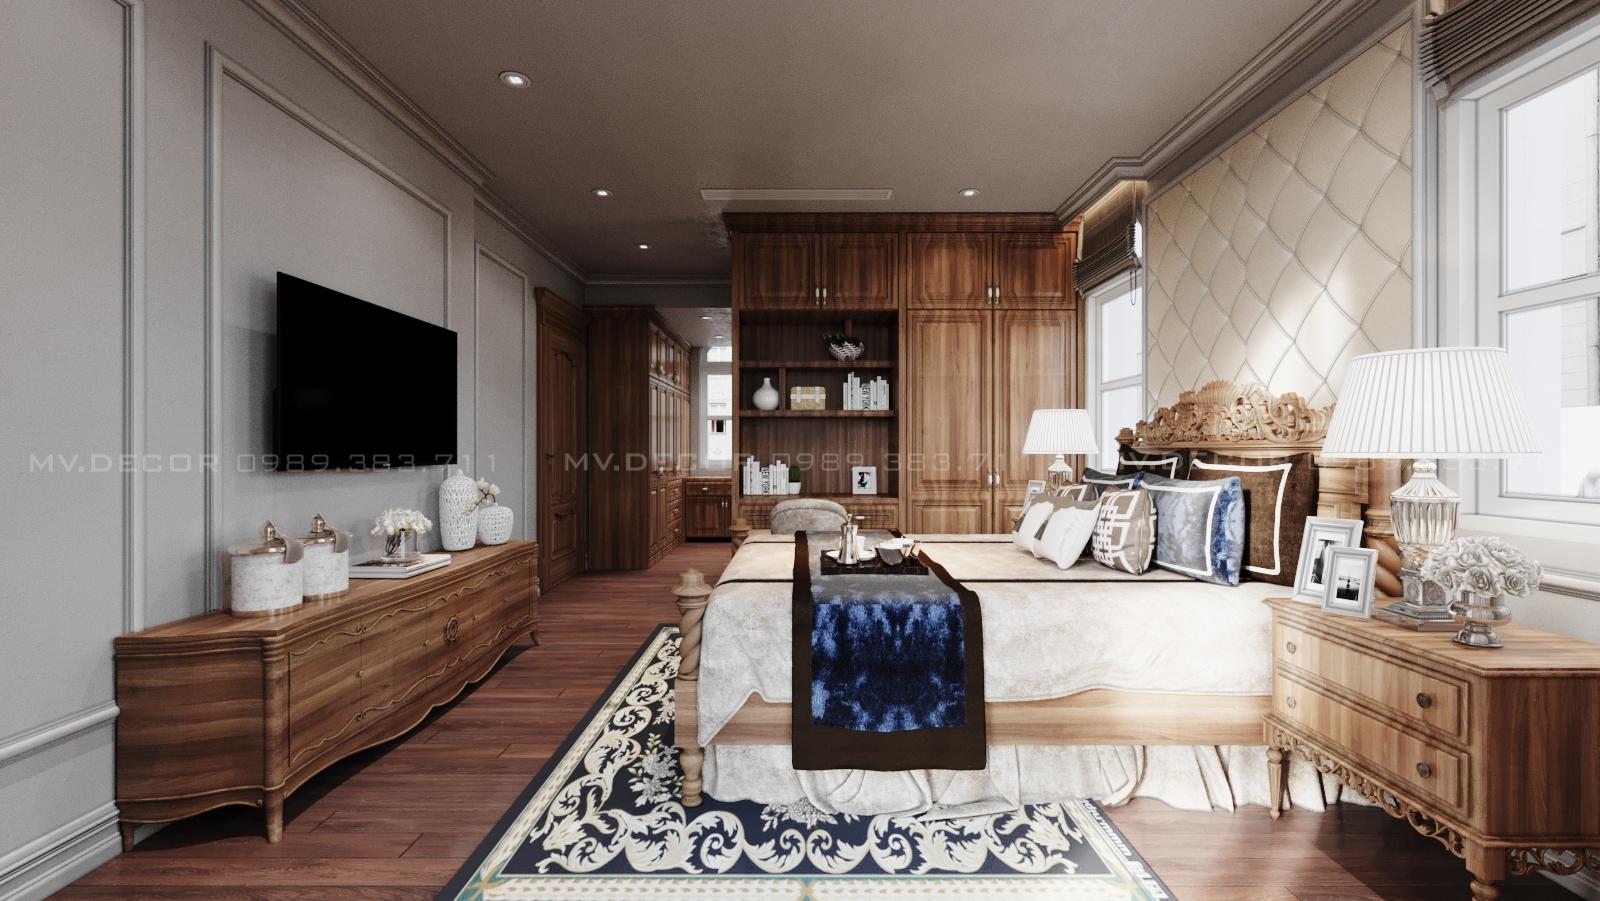 thiết kế nội thất Biệt Thự tại Hải Phòng BT VINHOME HẢI PHÒNG 18 1562719452